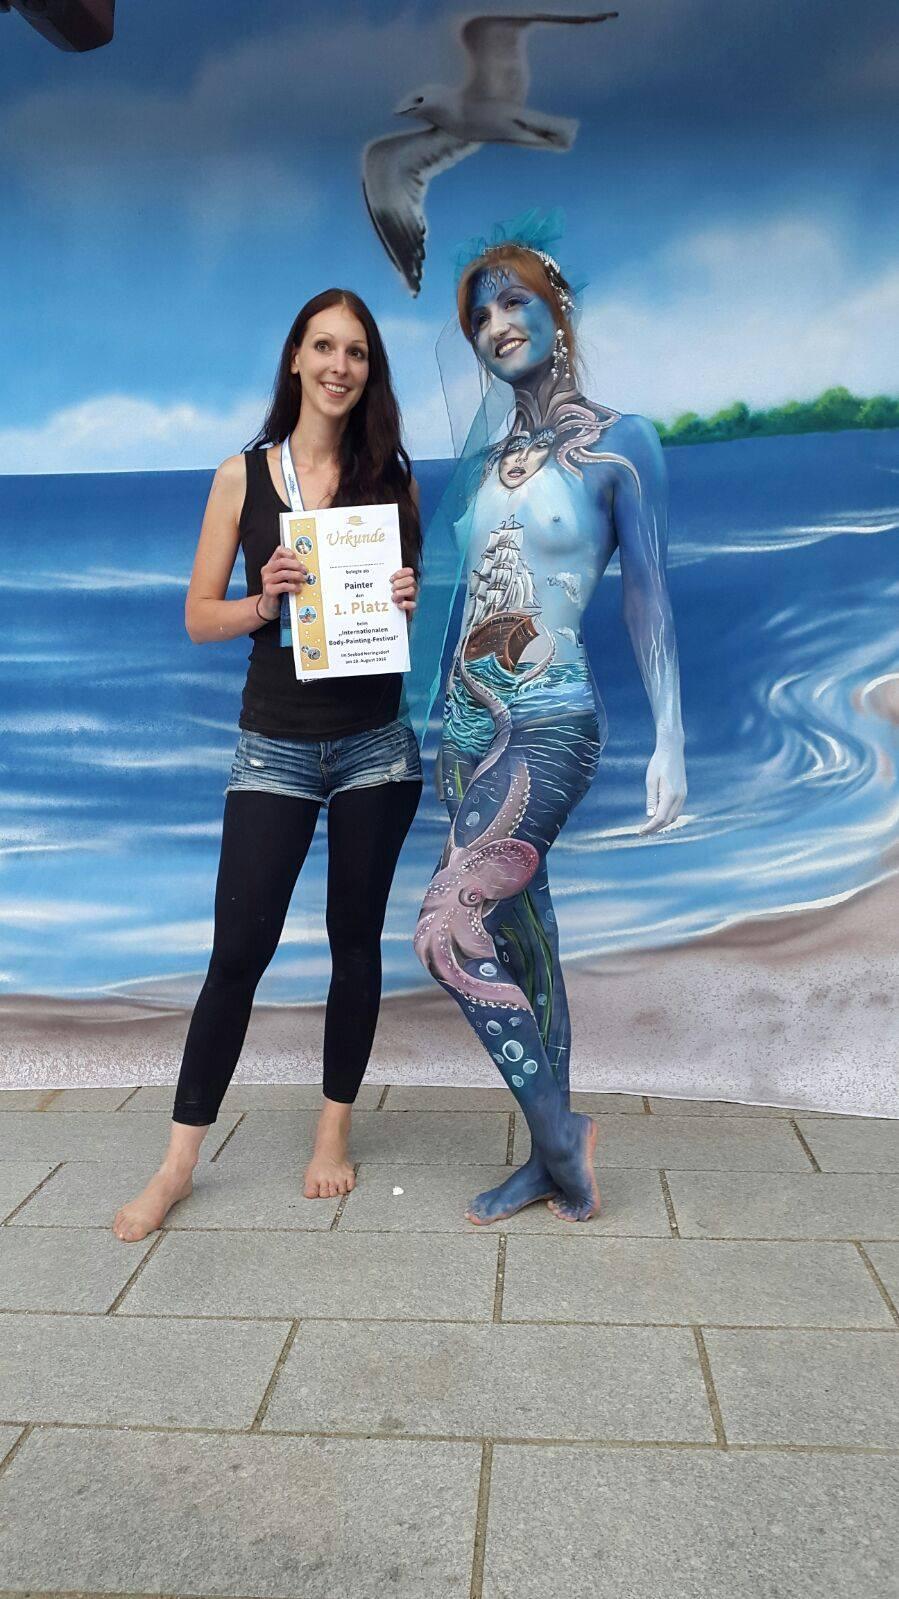 Heringsdorfer Bodypainting festival 2016, 1. place